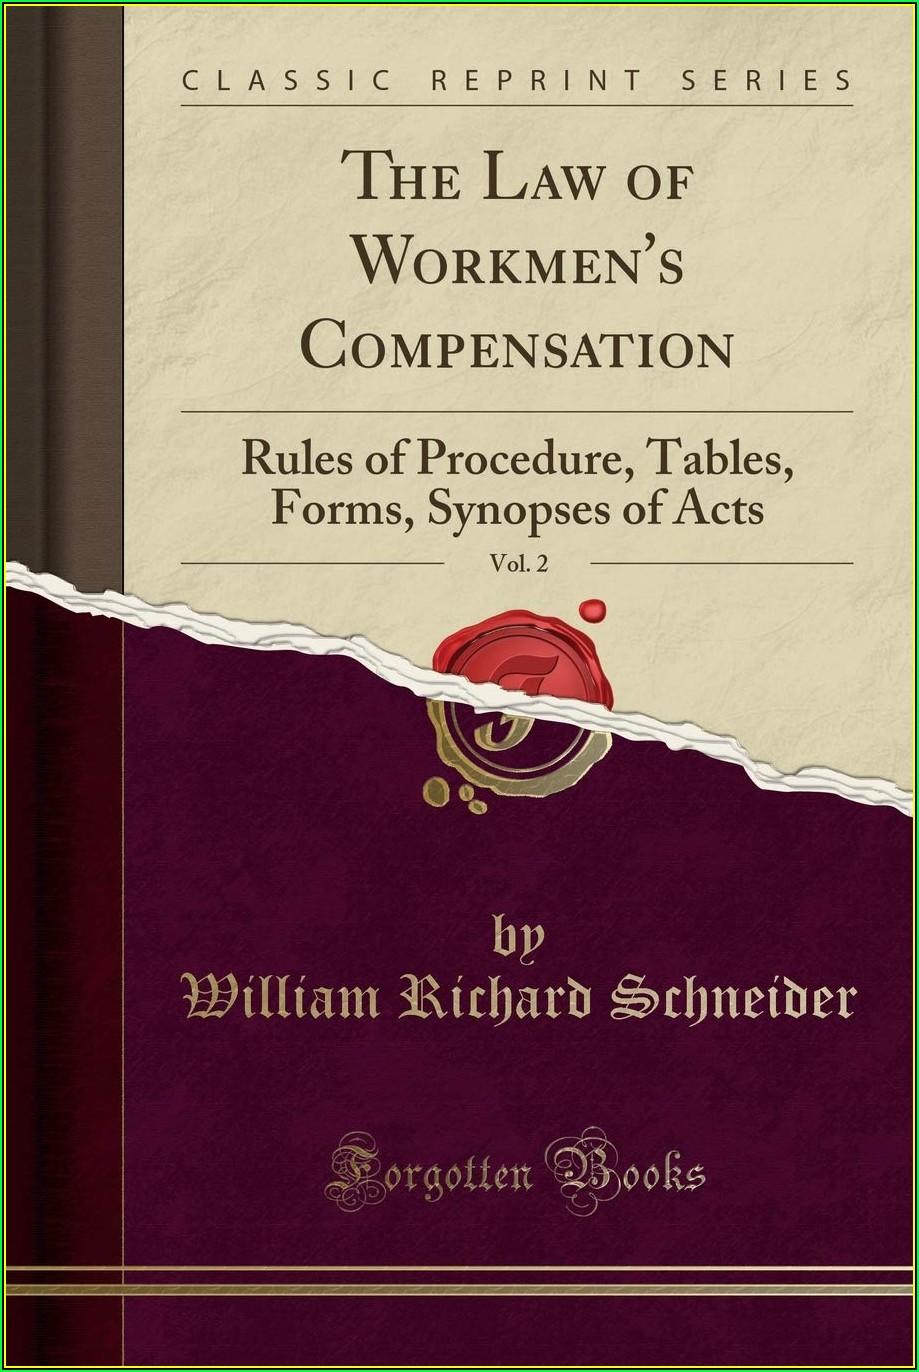 Workmen's Compensation Forms